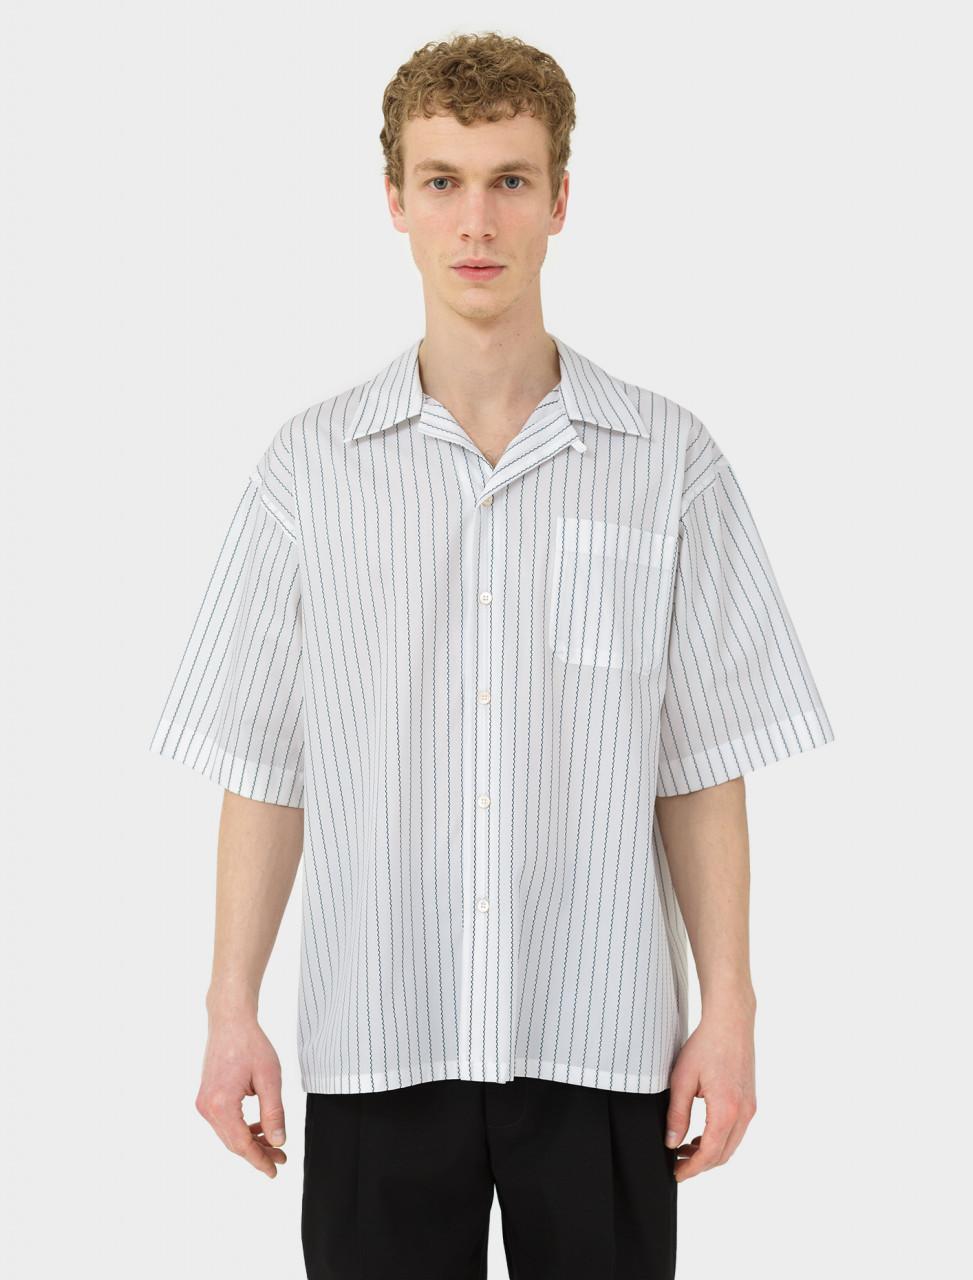 Short Sleeve Shirt in White